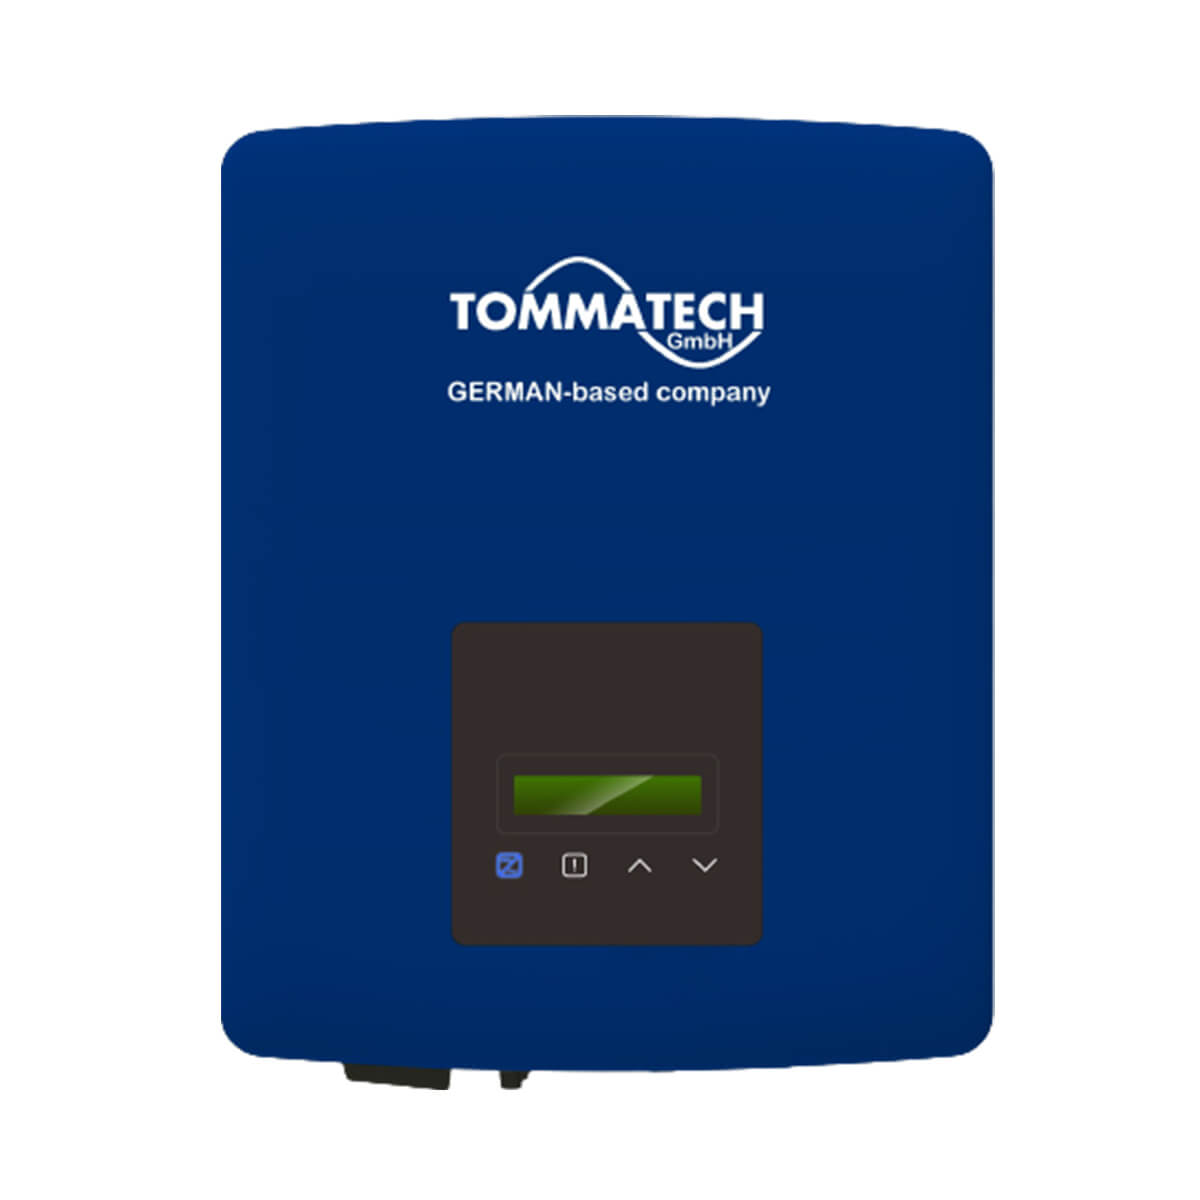 tommatech 2.5kW inverter, tommatech uno 2.5kW inverter, tommatech uno-a-2.5 inverter, tommatech uno-a-2.5, tommatech uno 2.5 kW, TOMMATECH 2.5 kW